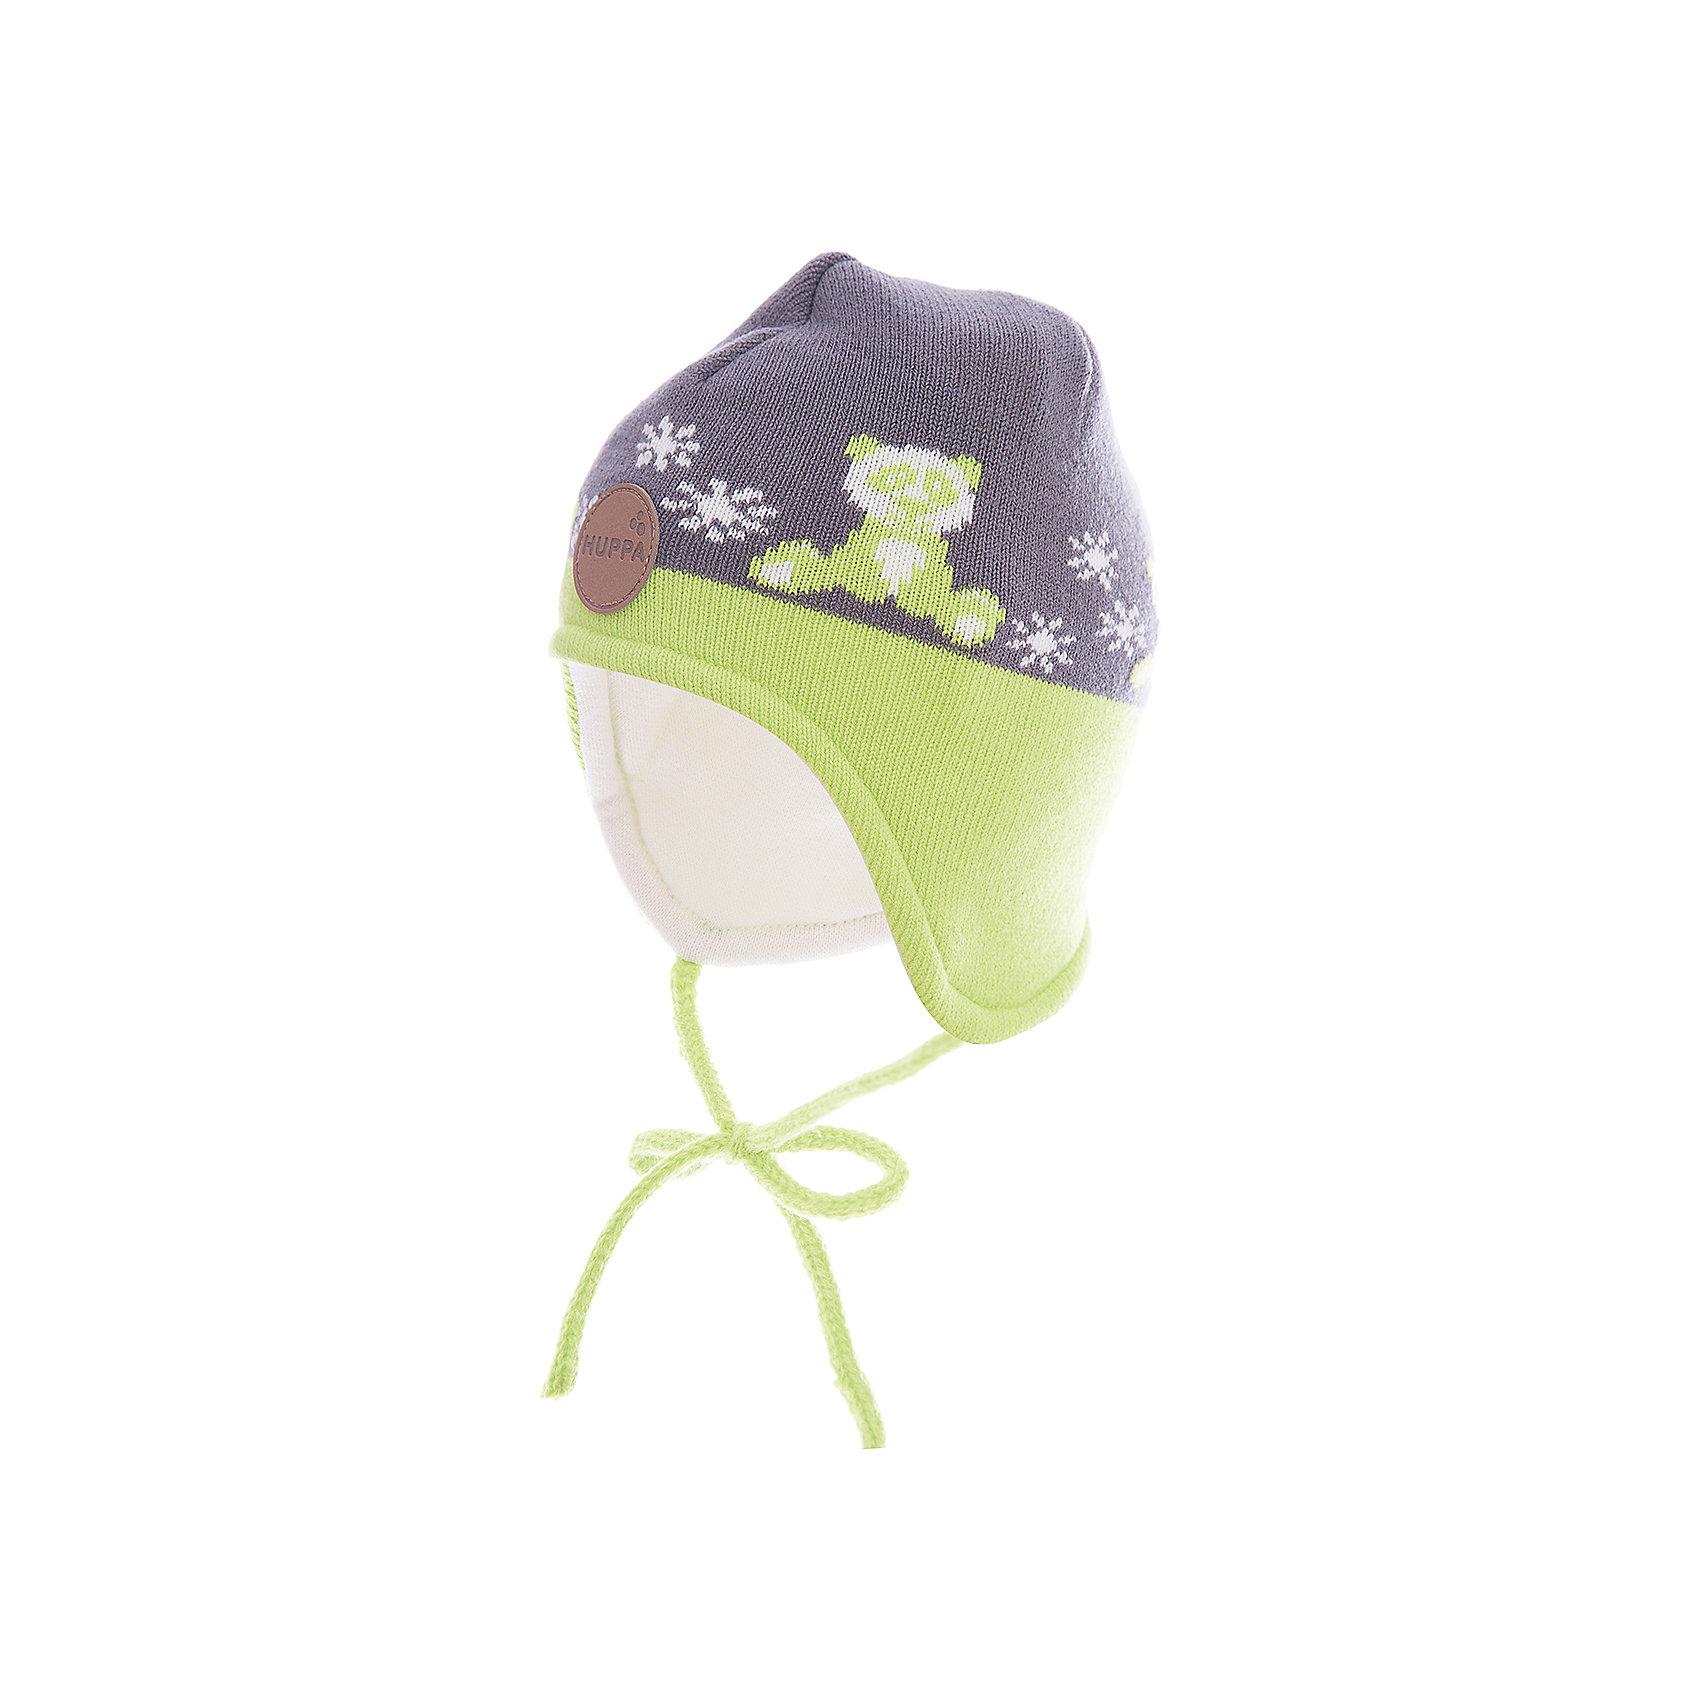 Шапка Huppa Karro 1Головные уборы<br>Вязаная детская шапка KARRO 1.Утеплитель 40 гр. Теплая вязанная шапочка ,прекрассно подойдет для повседневных прогулок в холодную погоду.<br>Состав:<br>100% акрил<br><br>Ширина мм: 89<br>Глубина мм: 117<br>Высота мм: 44<br>Вес г: 155<br>Цвет: серый<br>Возраст от месяцев: 3<br>Возраст до месяцев: 12<br>Пол: Унисекс<br>Возраст: Детский<br>Размер: 43-45,51-53,47-49<br>SKU: 7029448